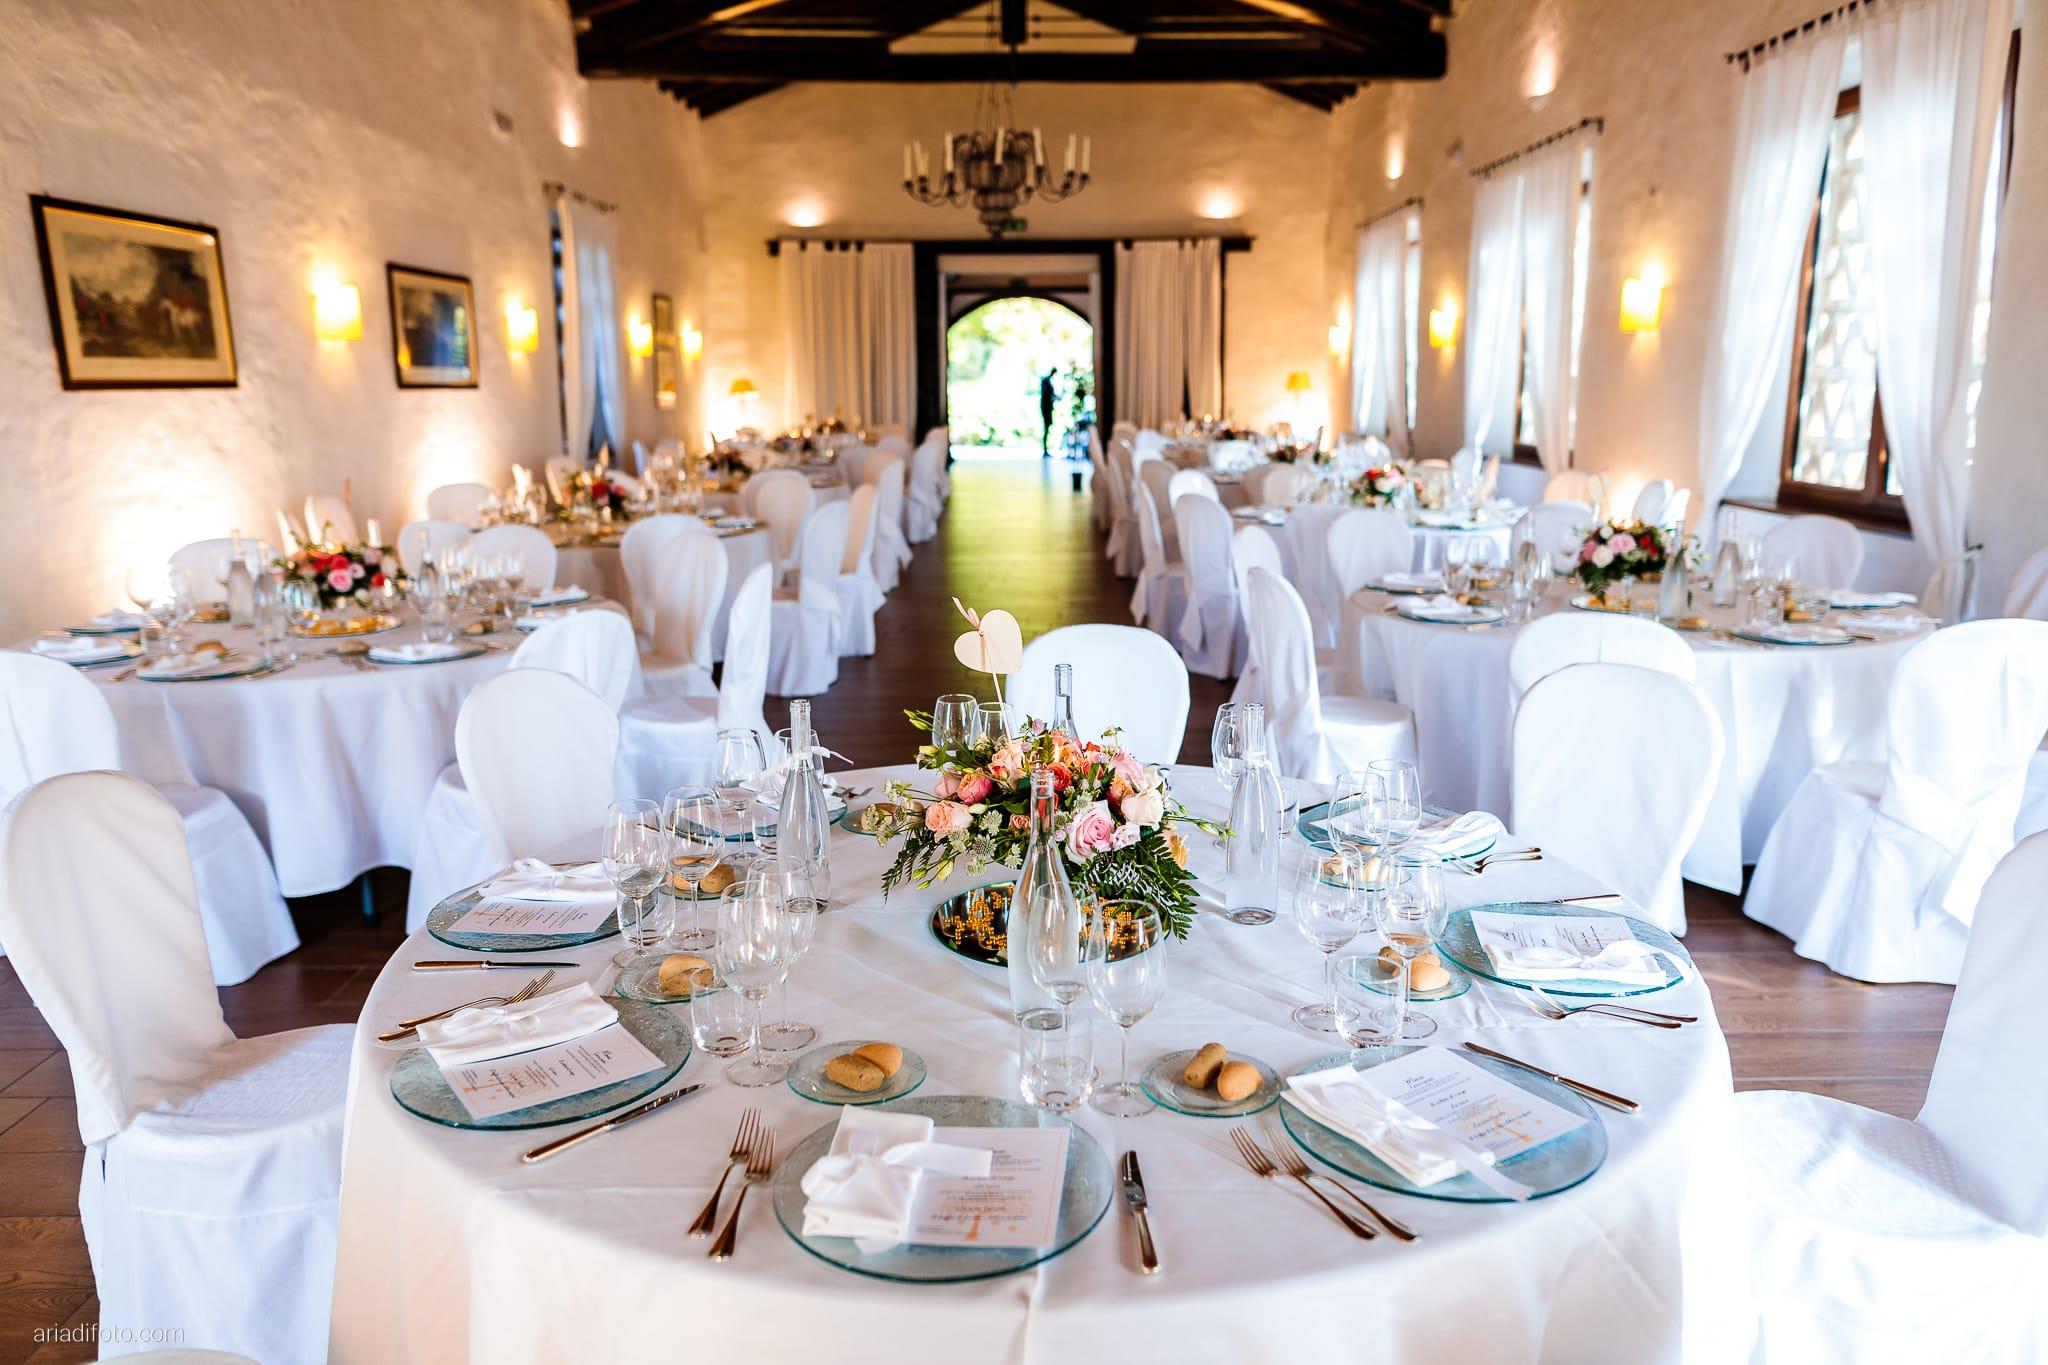 Tatiana Marco Matrimonio Trieste Baronesse Tacco San Floriano Collio Gorizia ricevimento dettagli catering La Rotonda Cervignano